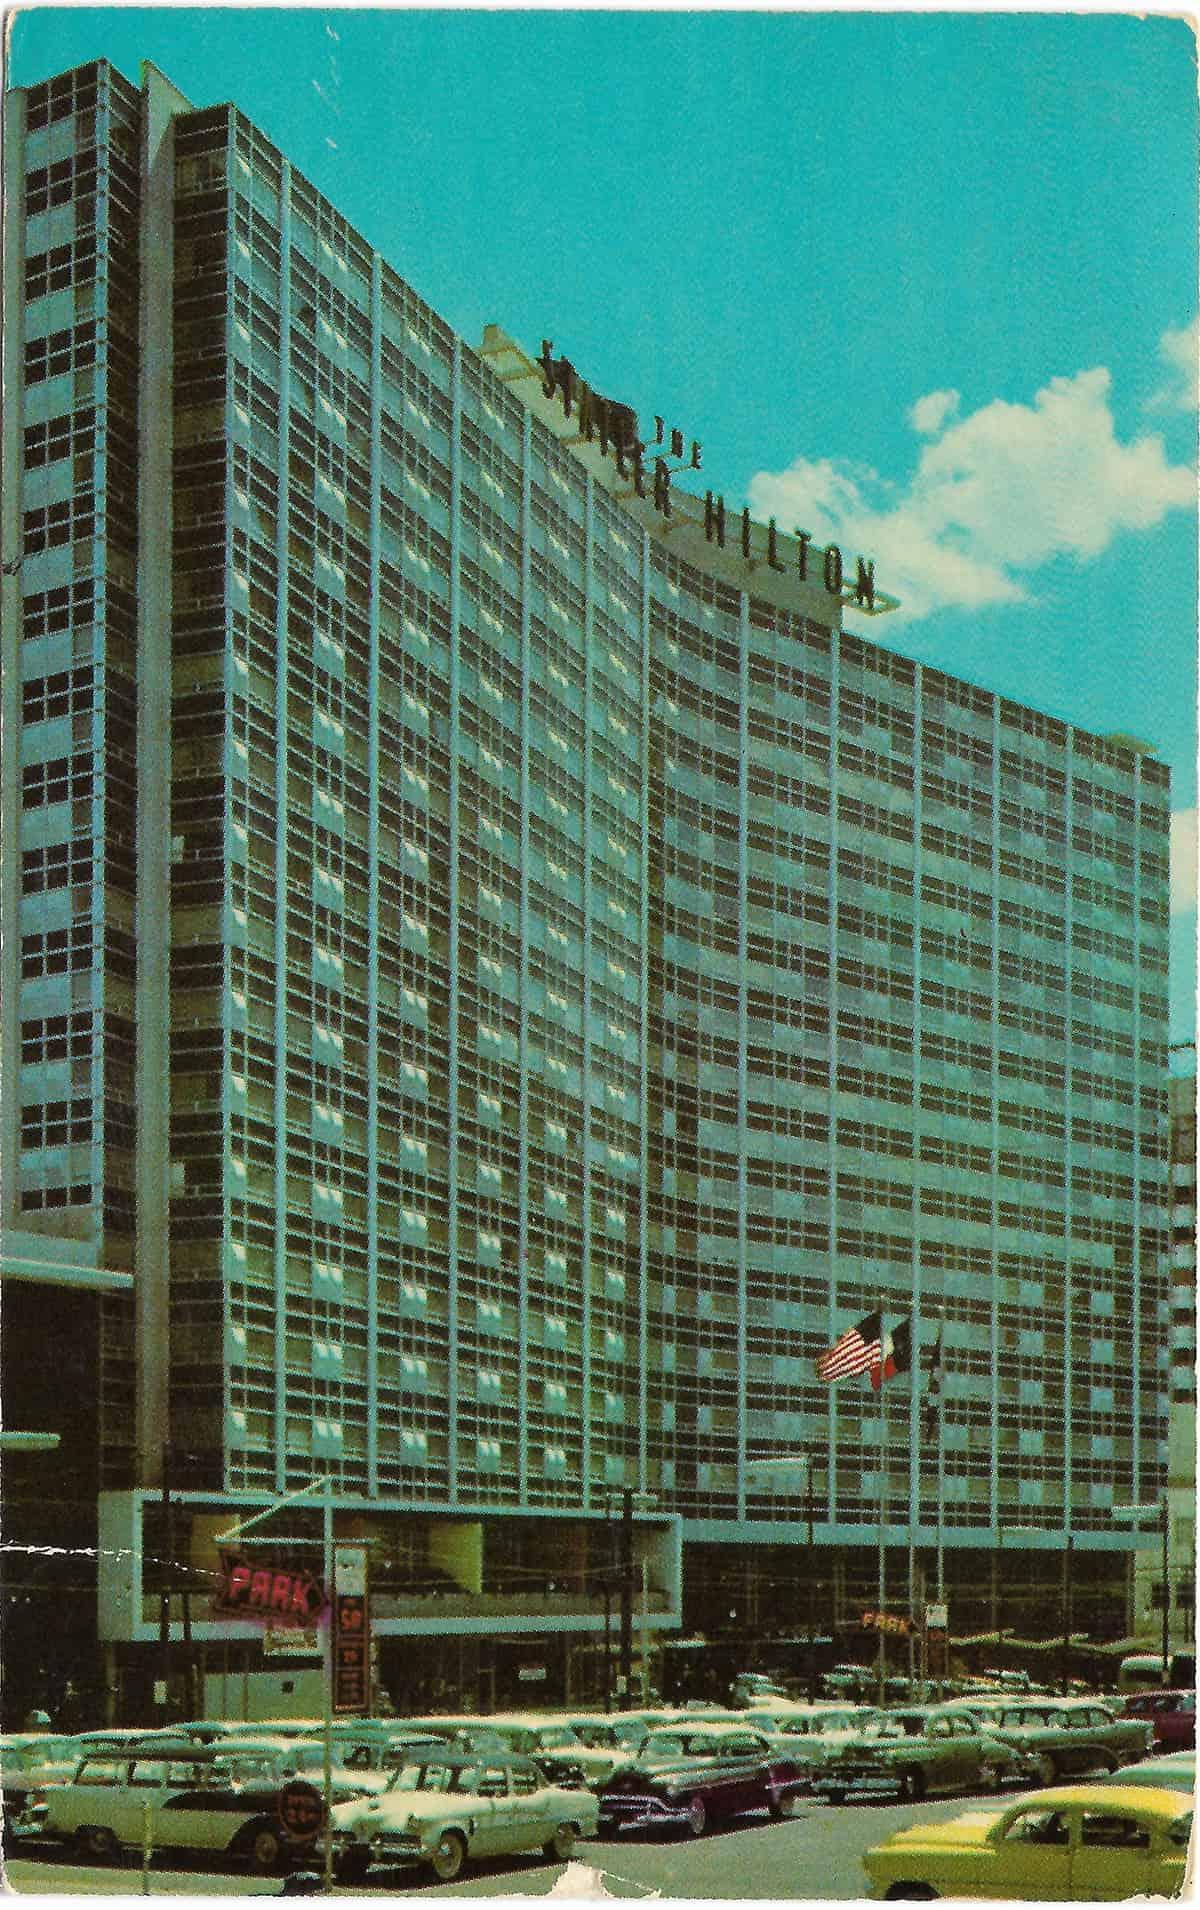 Hilton Statler, 1950s